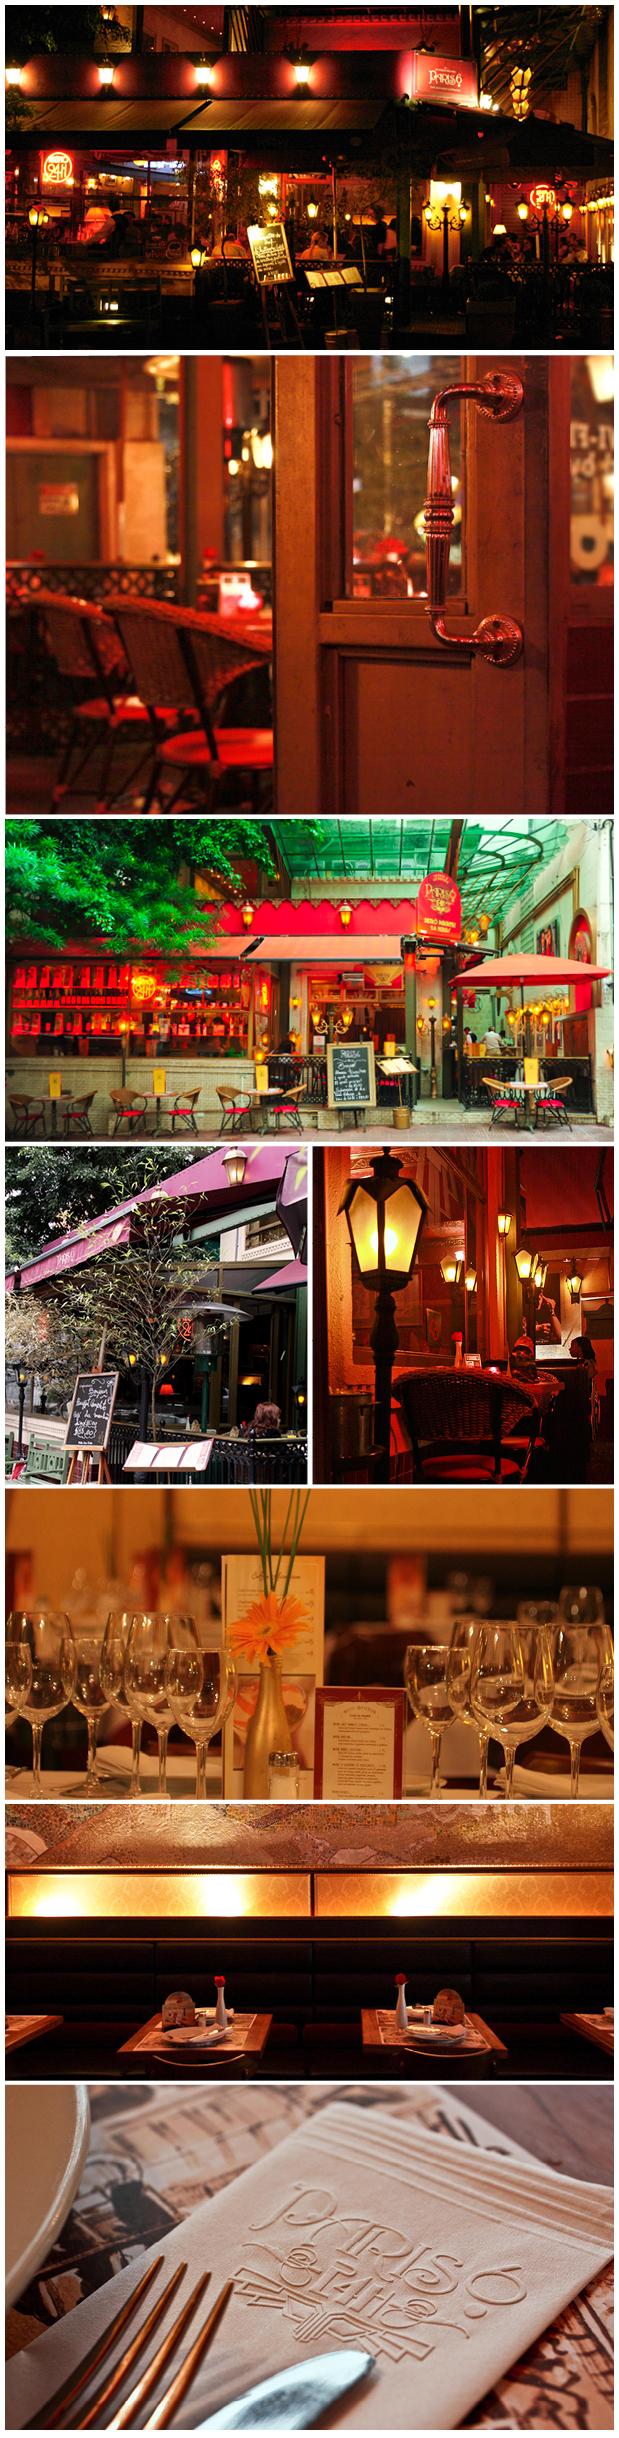 Restaurante Paris 6 localizado em São Paulo. Bistrô francês.